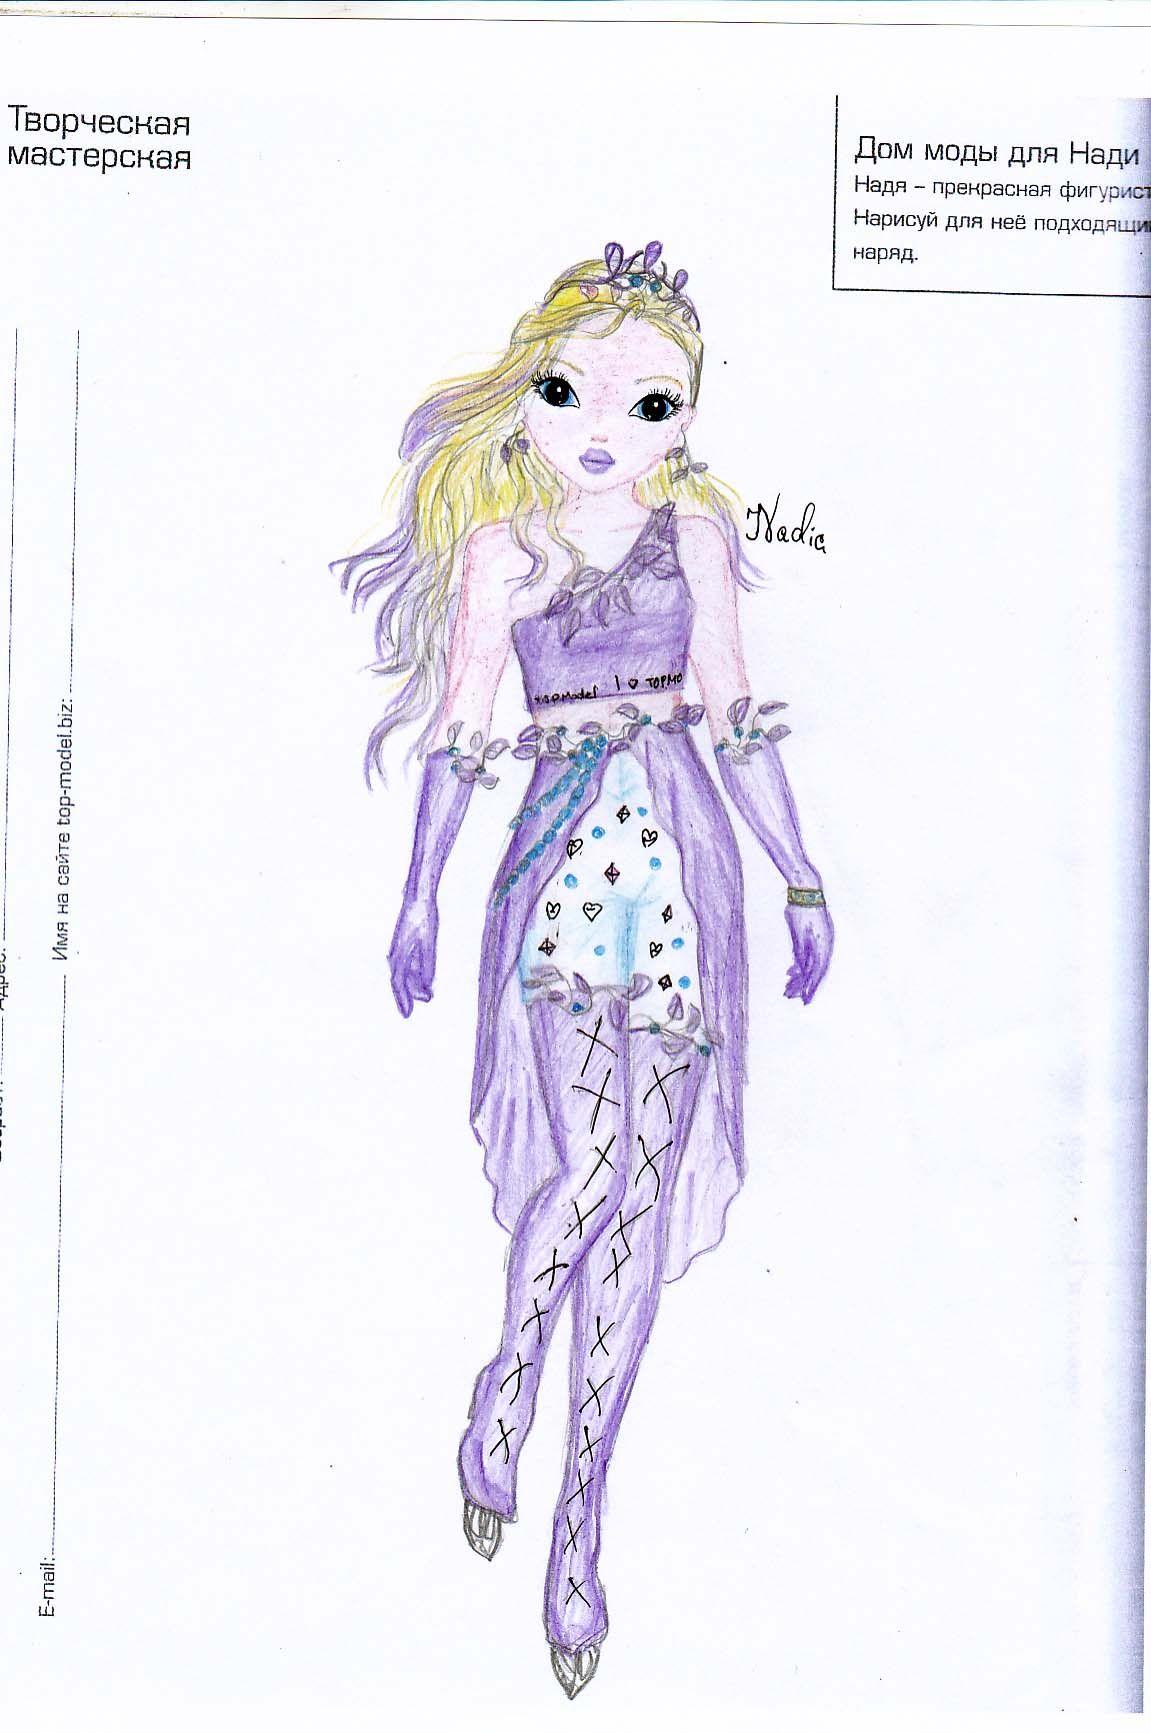 Marina M., 11 años